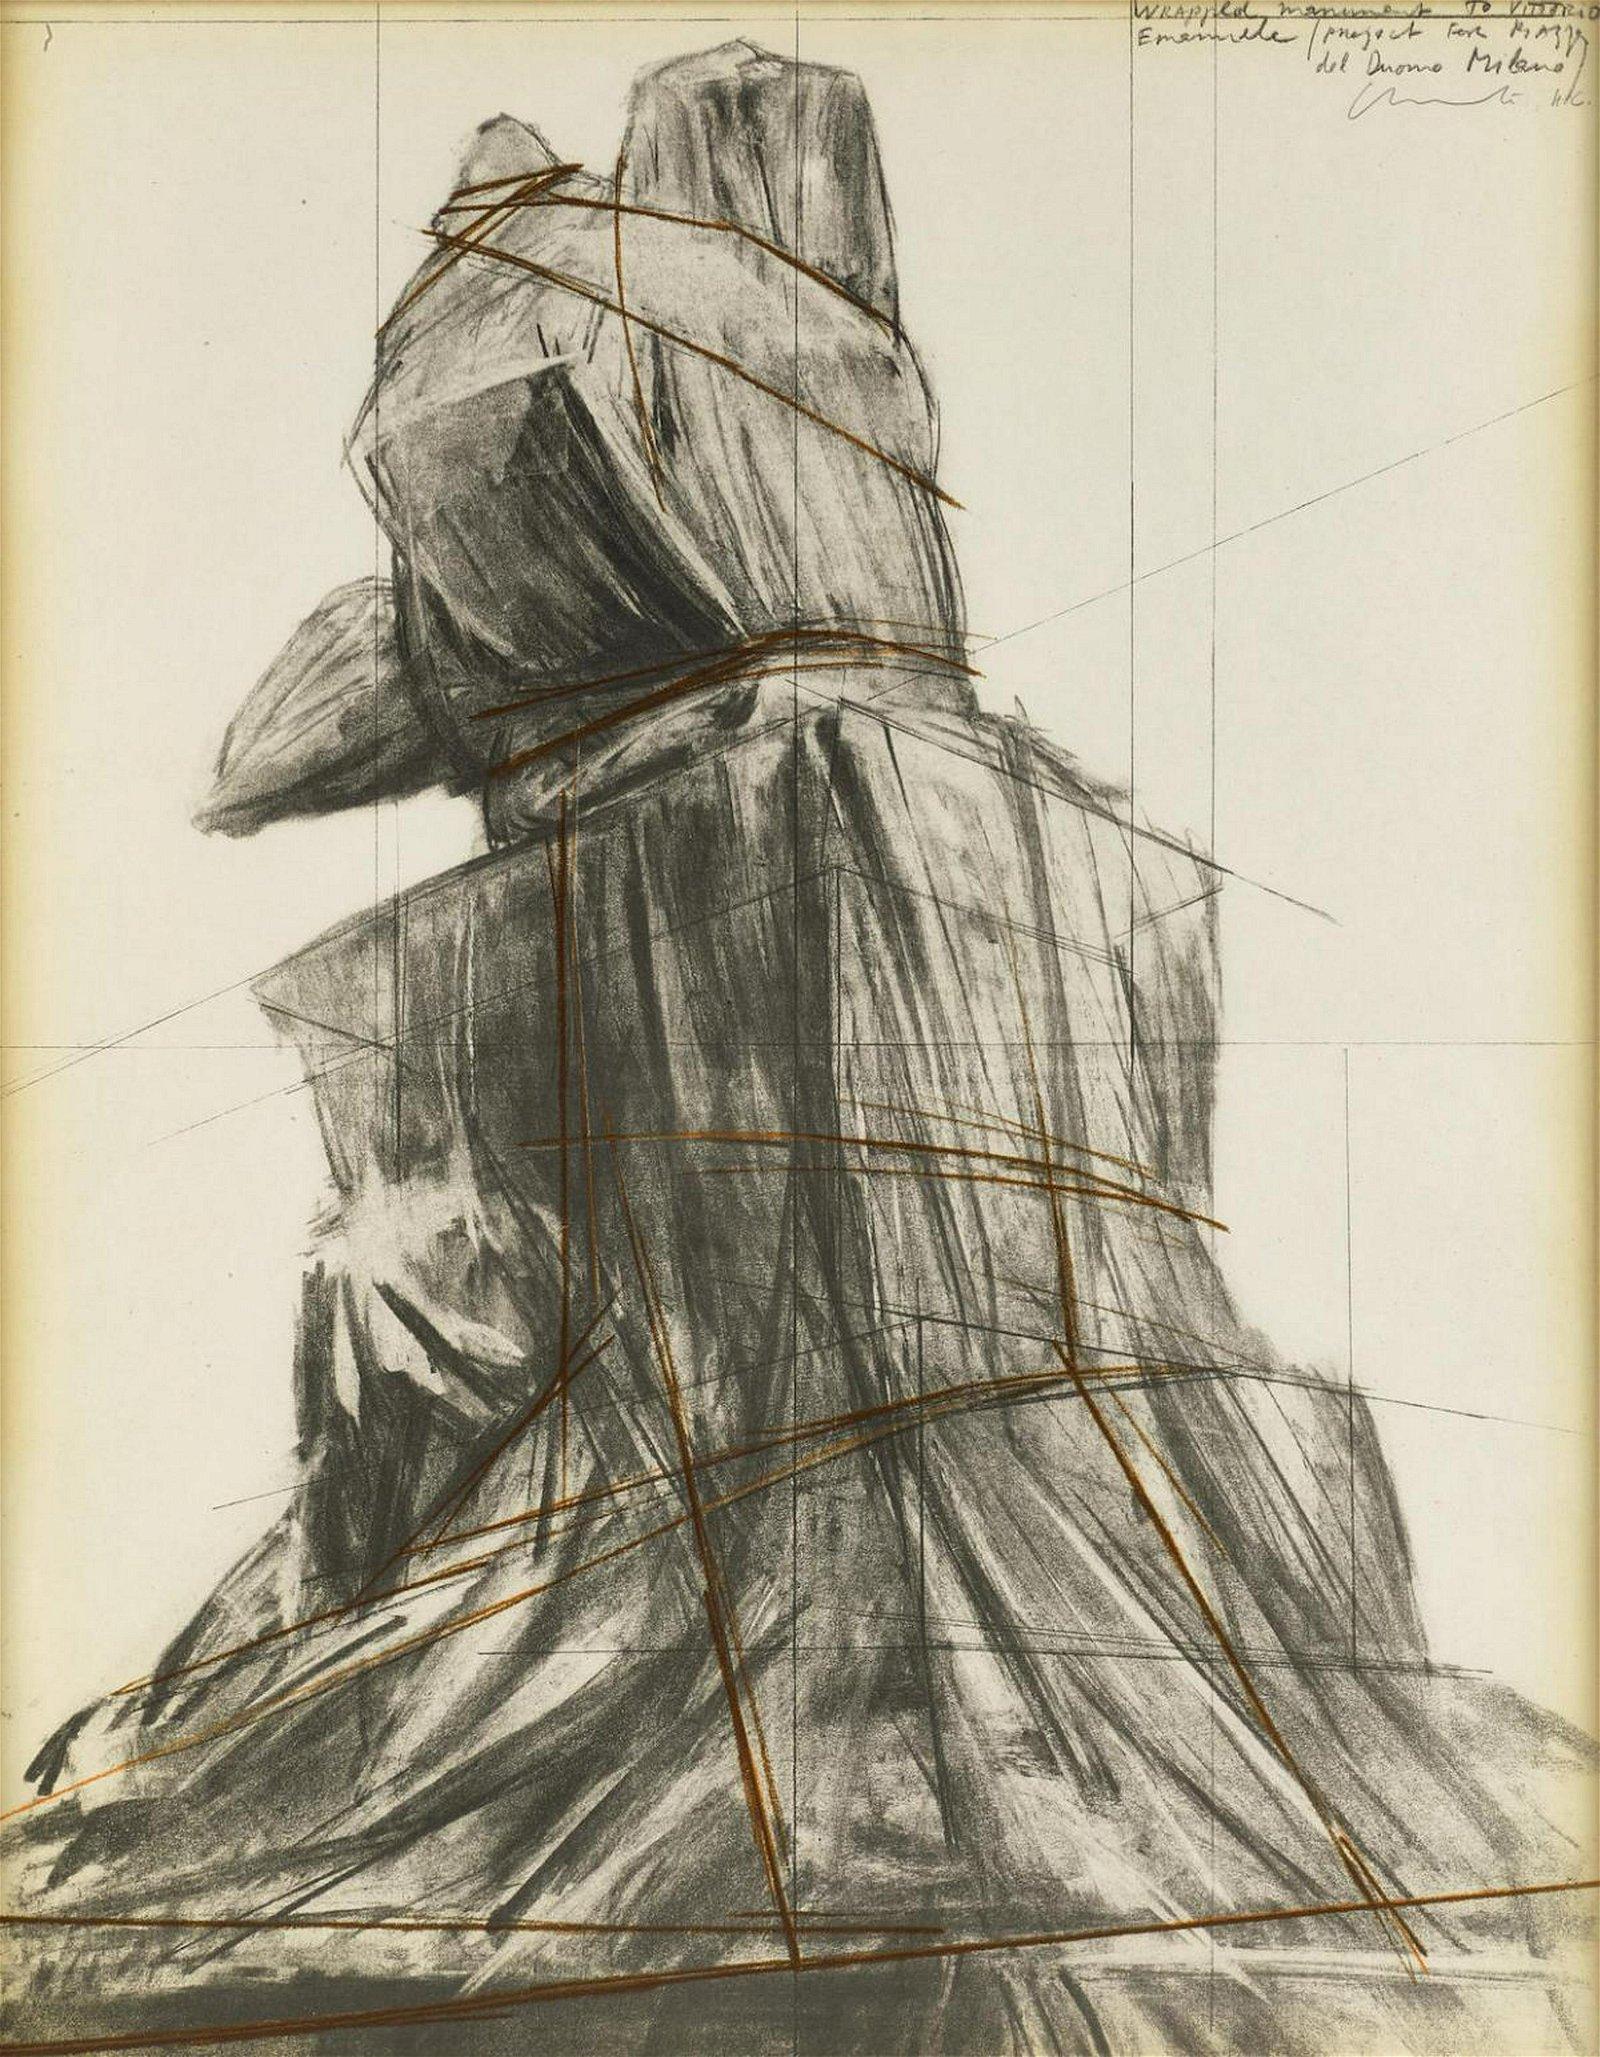 Christo - Wrapped Monument to Vittorio Emanuele